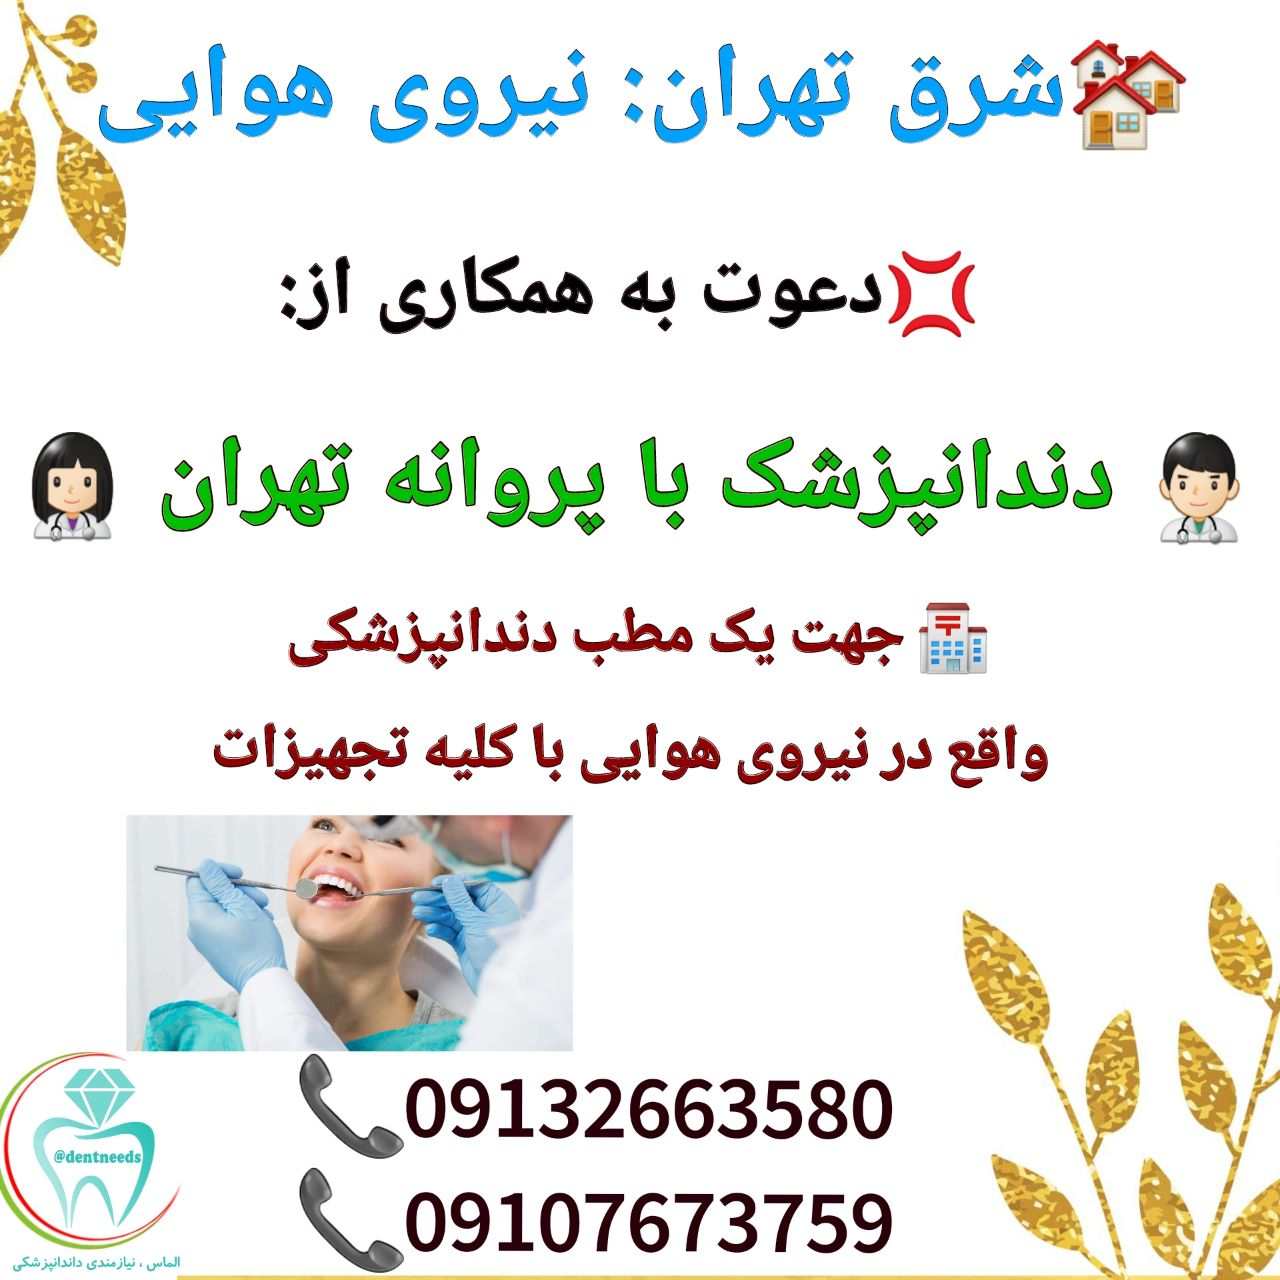 شرق تهران: نیروی هوایی، نیاز به دندانپزشک با پروانه تهران